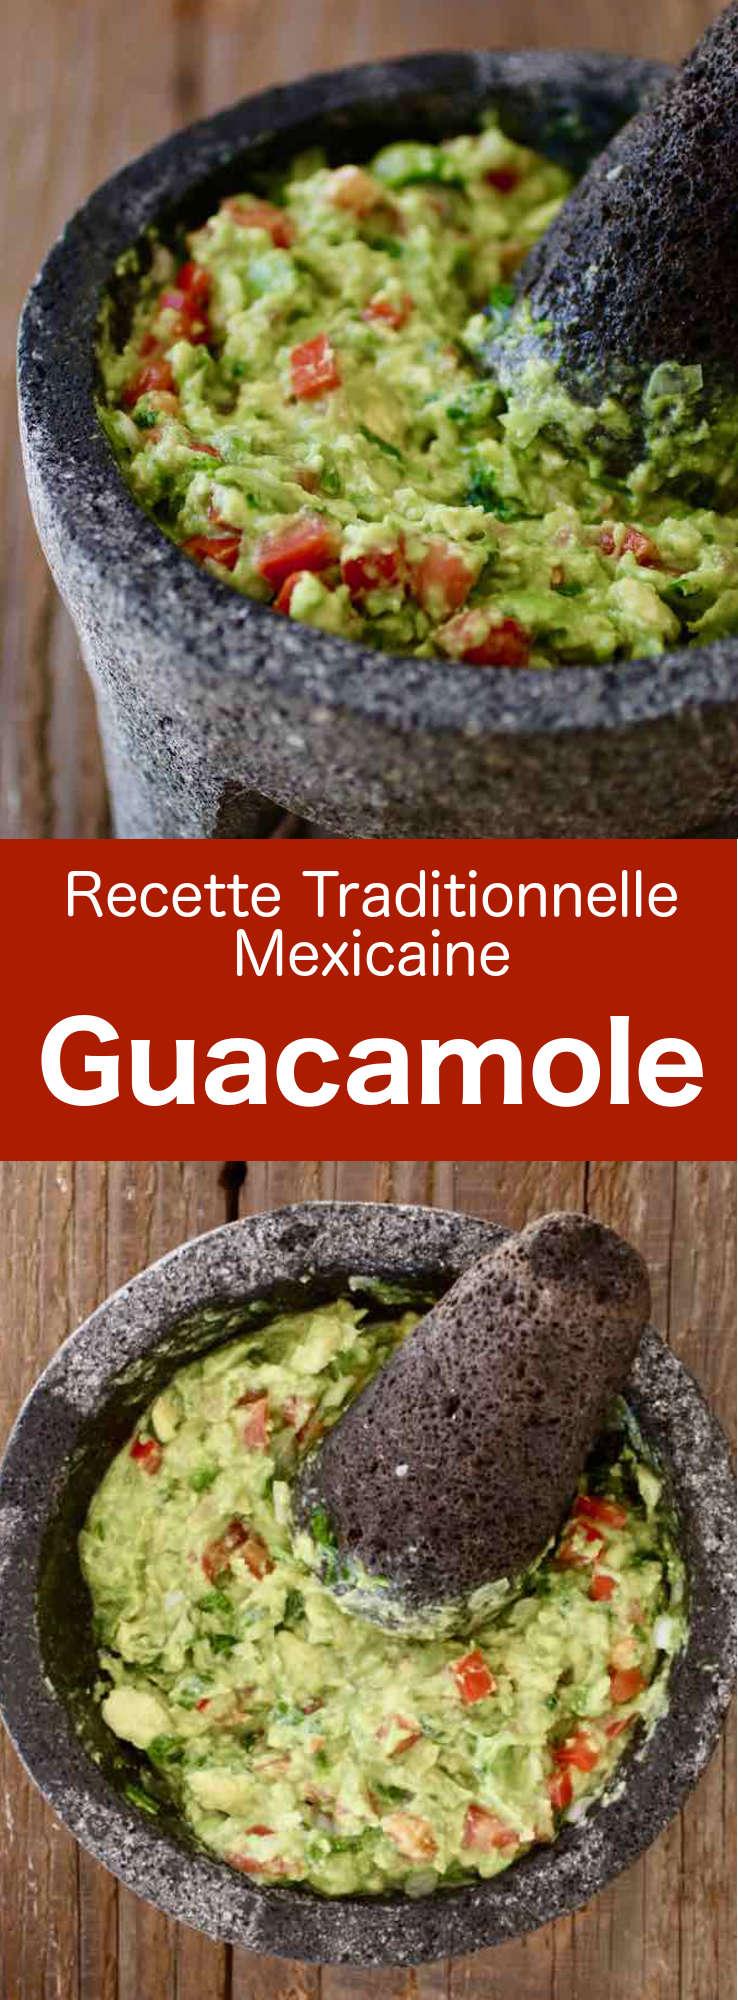 Le guacamole est une délicieuse préparation mexicaine à base d'avocat, d'oignon, de piment frais, de coriandre fraîche, de tomate, et de citron vert. #Mexique #RecetteMexicaine #CuisineDuMonde #196flavors